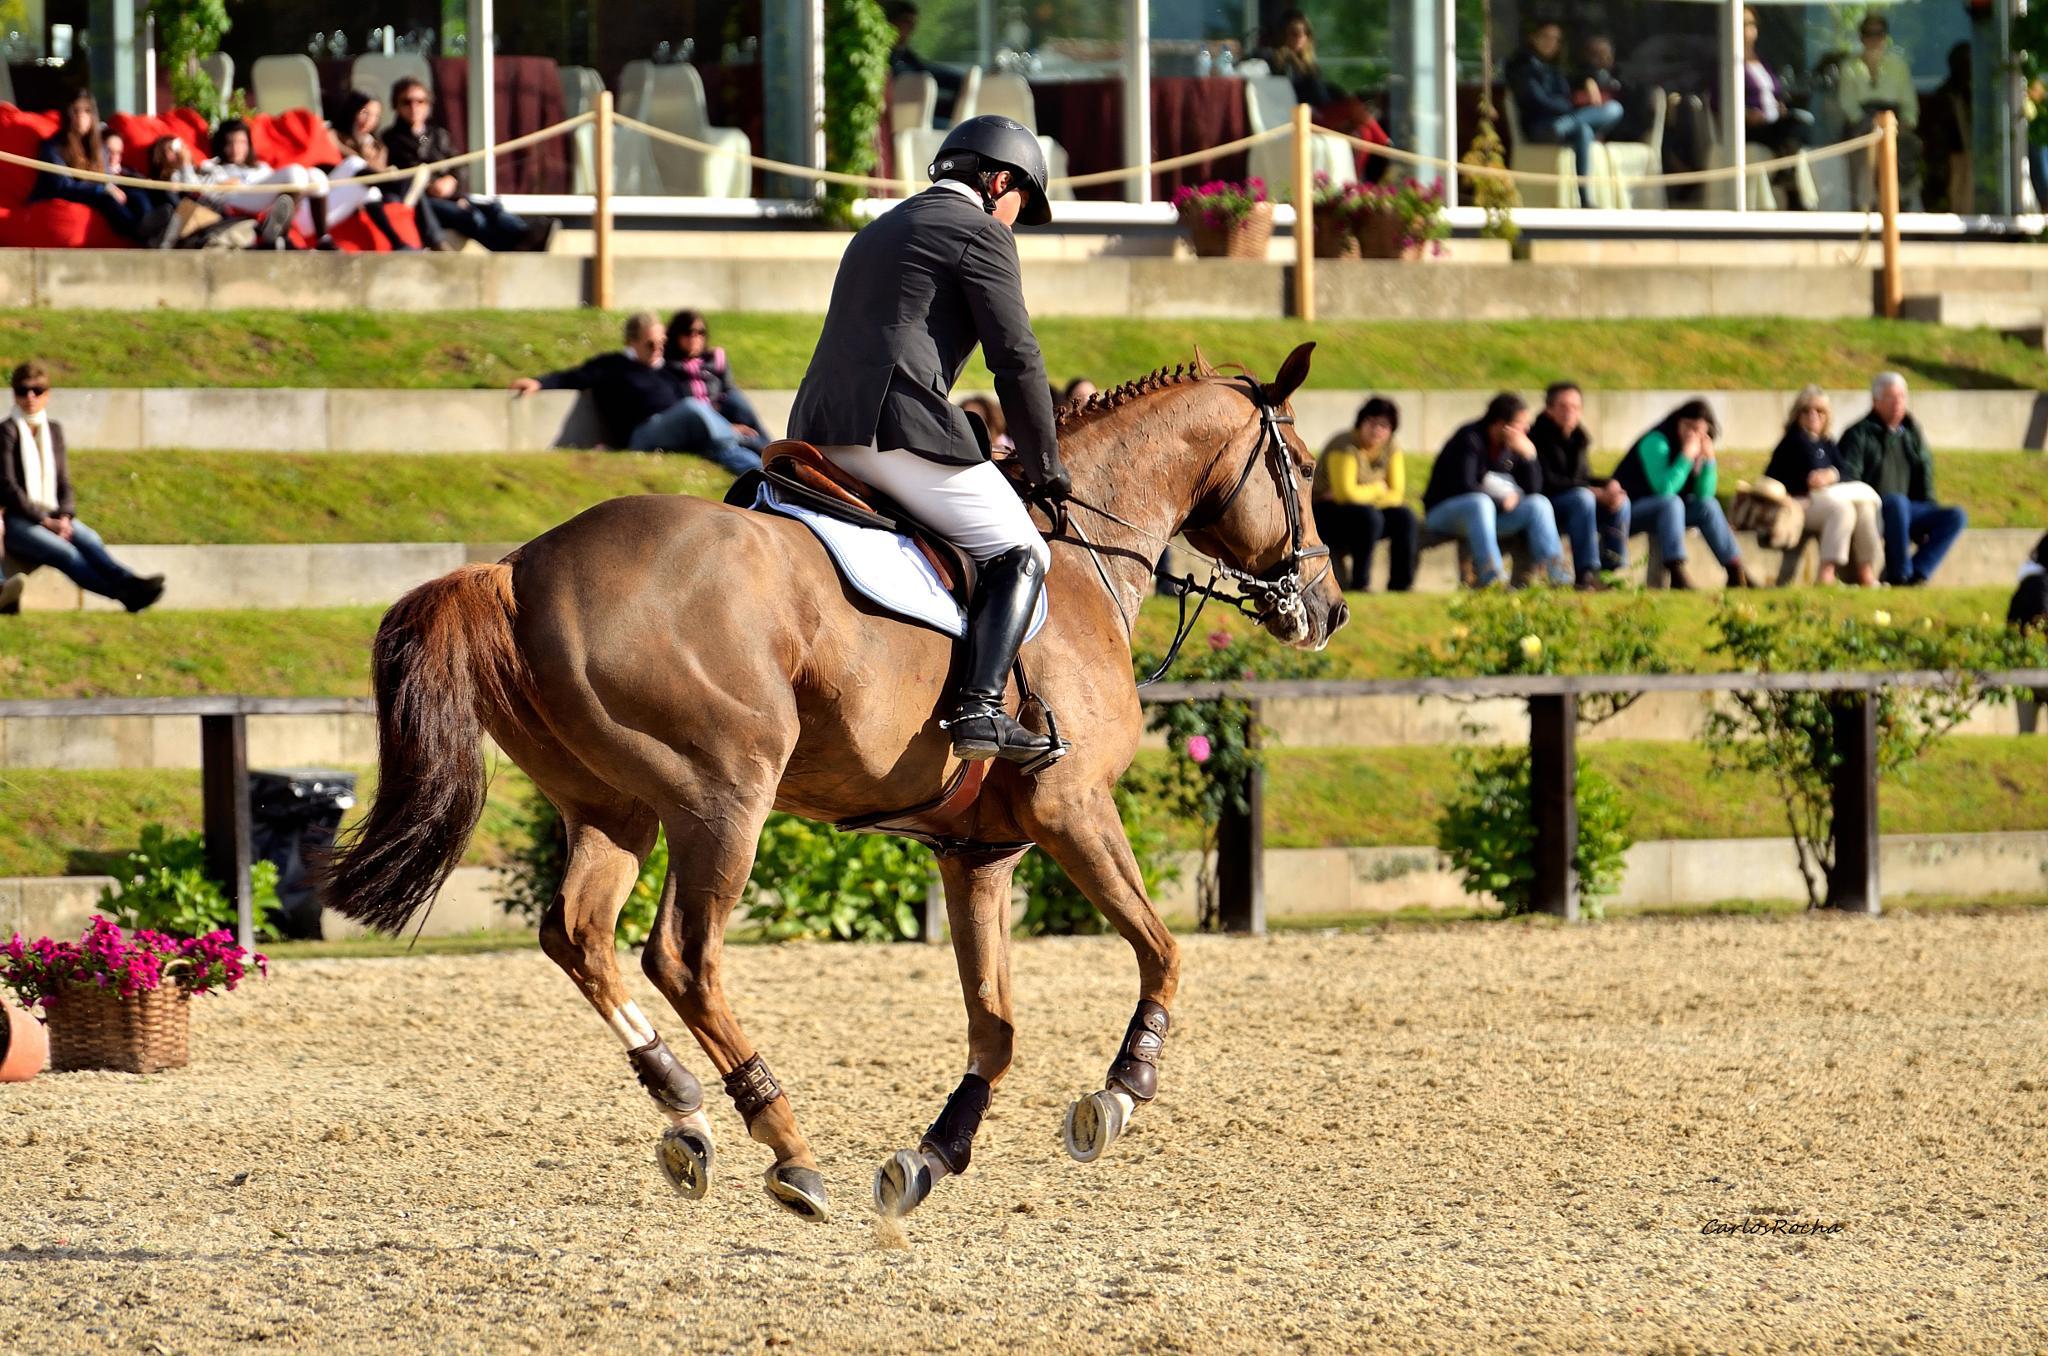 Cavalgando by carlosfiuzar